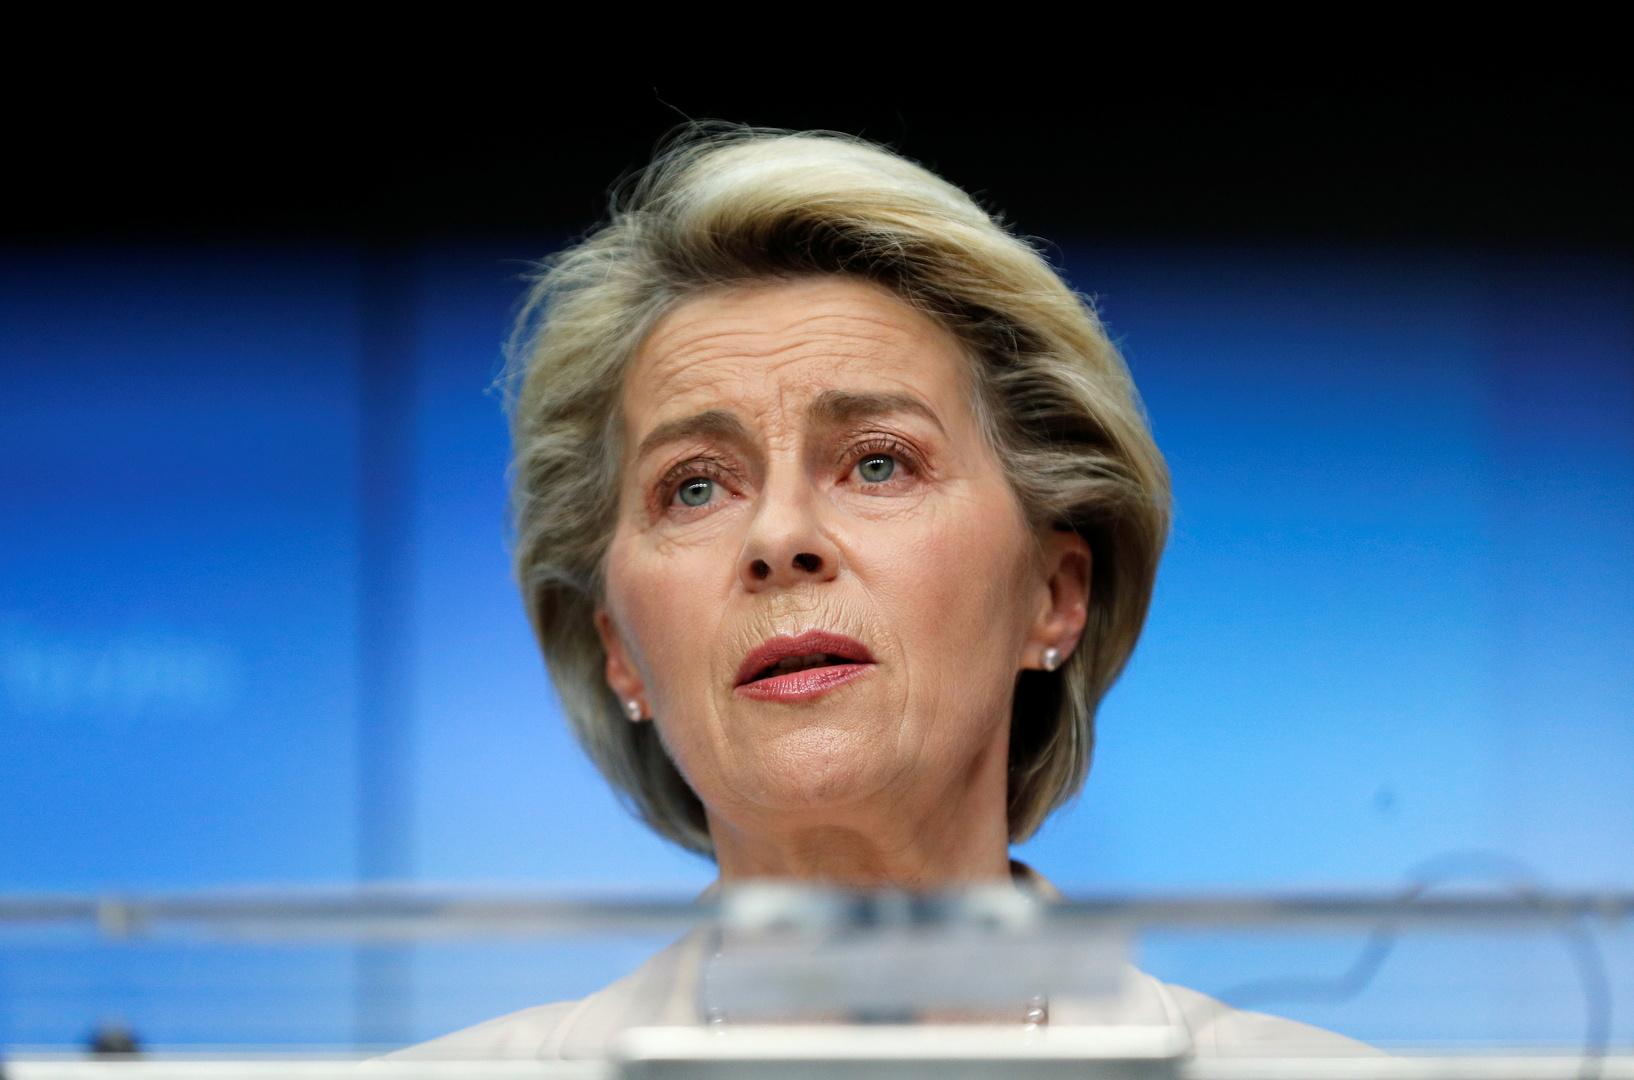 لندن والأمم المتحدة ستسهلان تلقيح المشاركين في مؤتمر المناخ